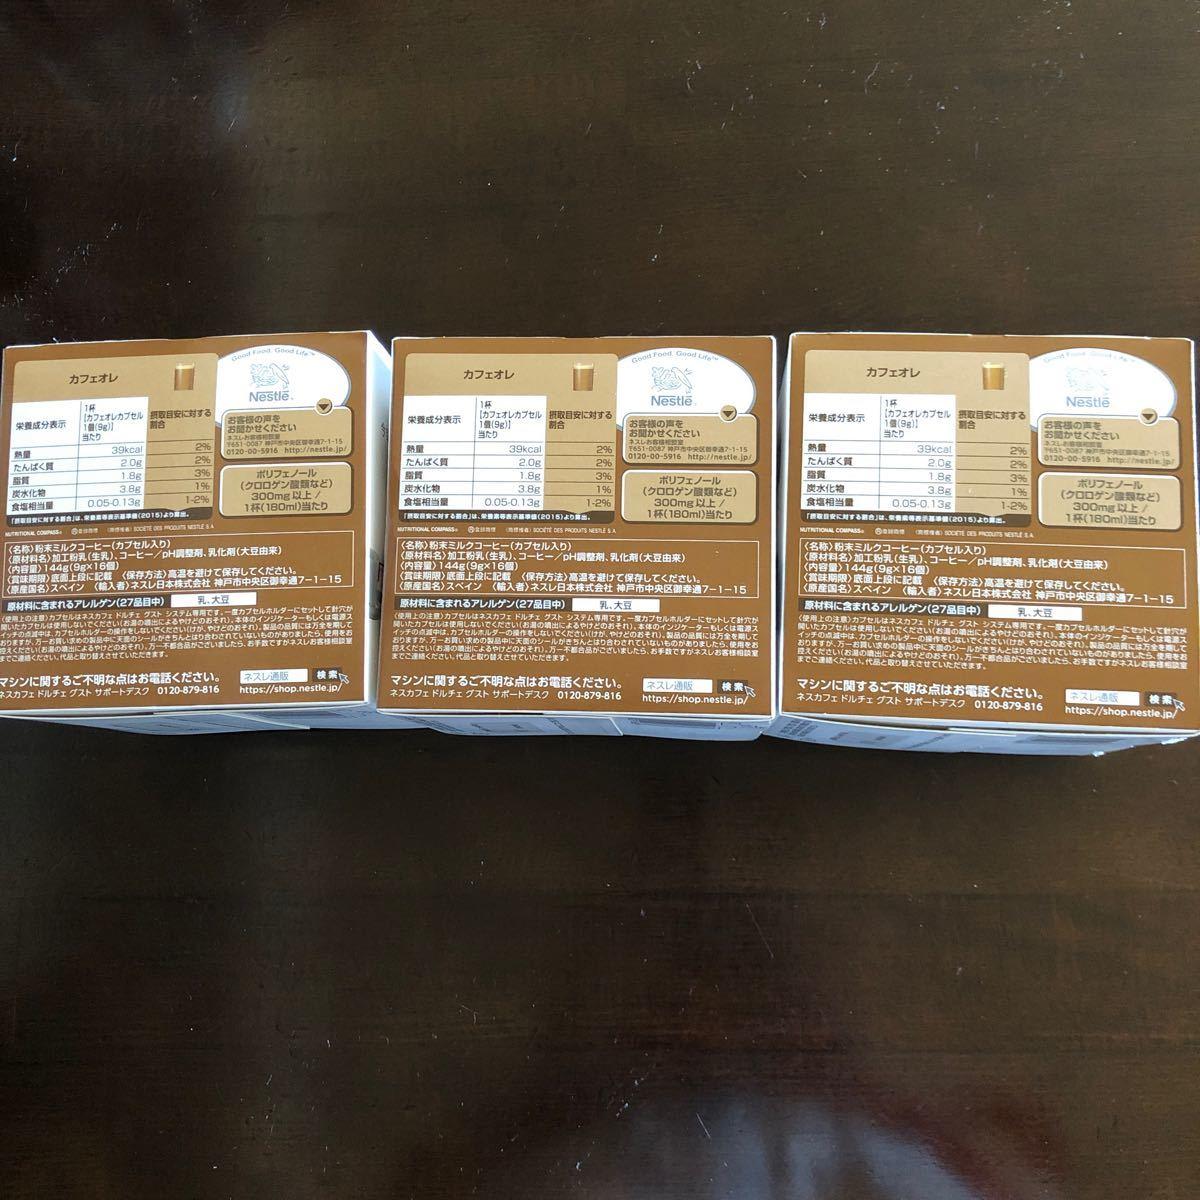 ネスカフェ ドルチェグスト 専用カプセル カフェオレ 16杯分  3箱